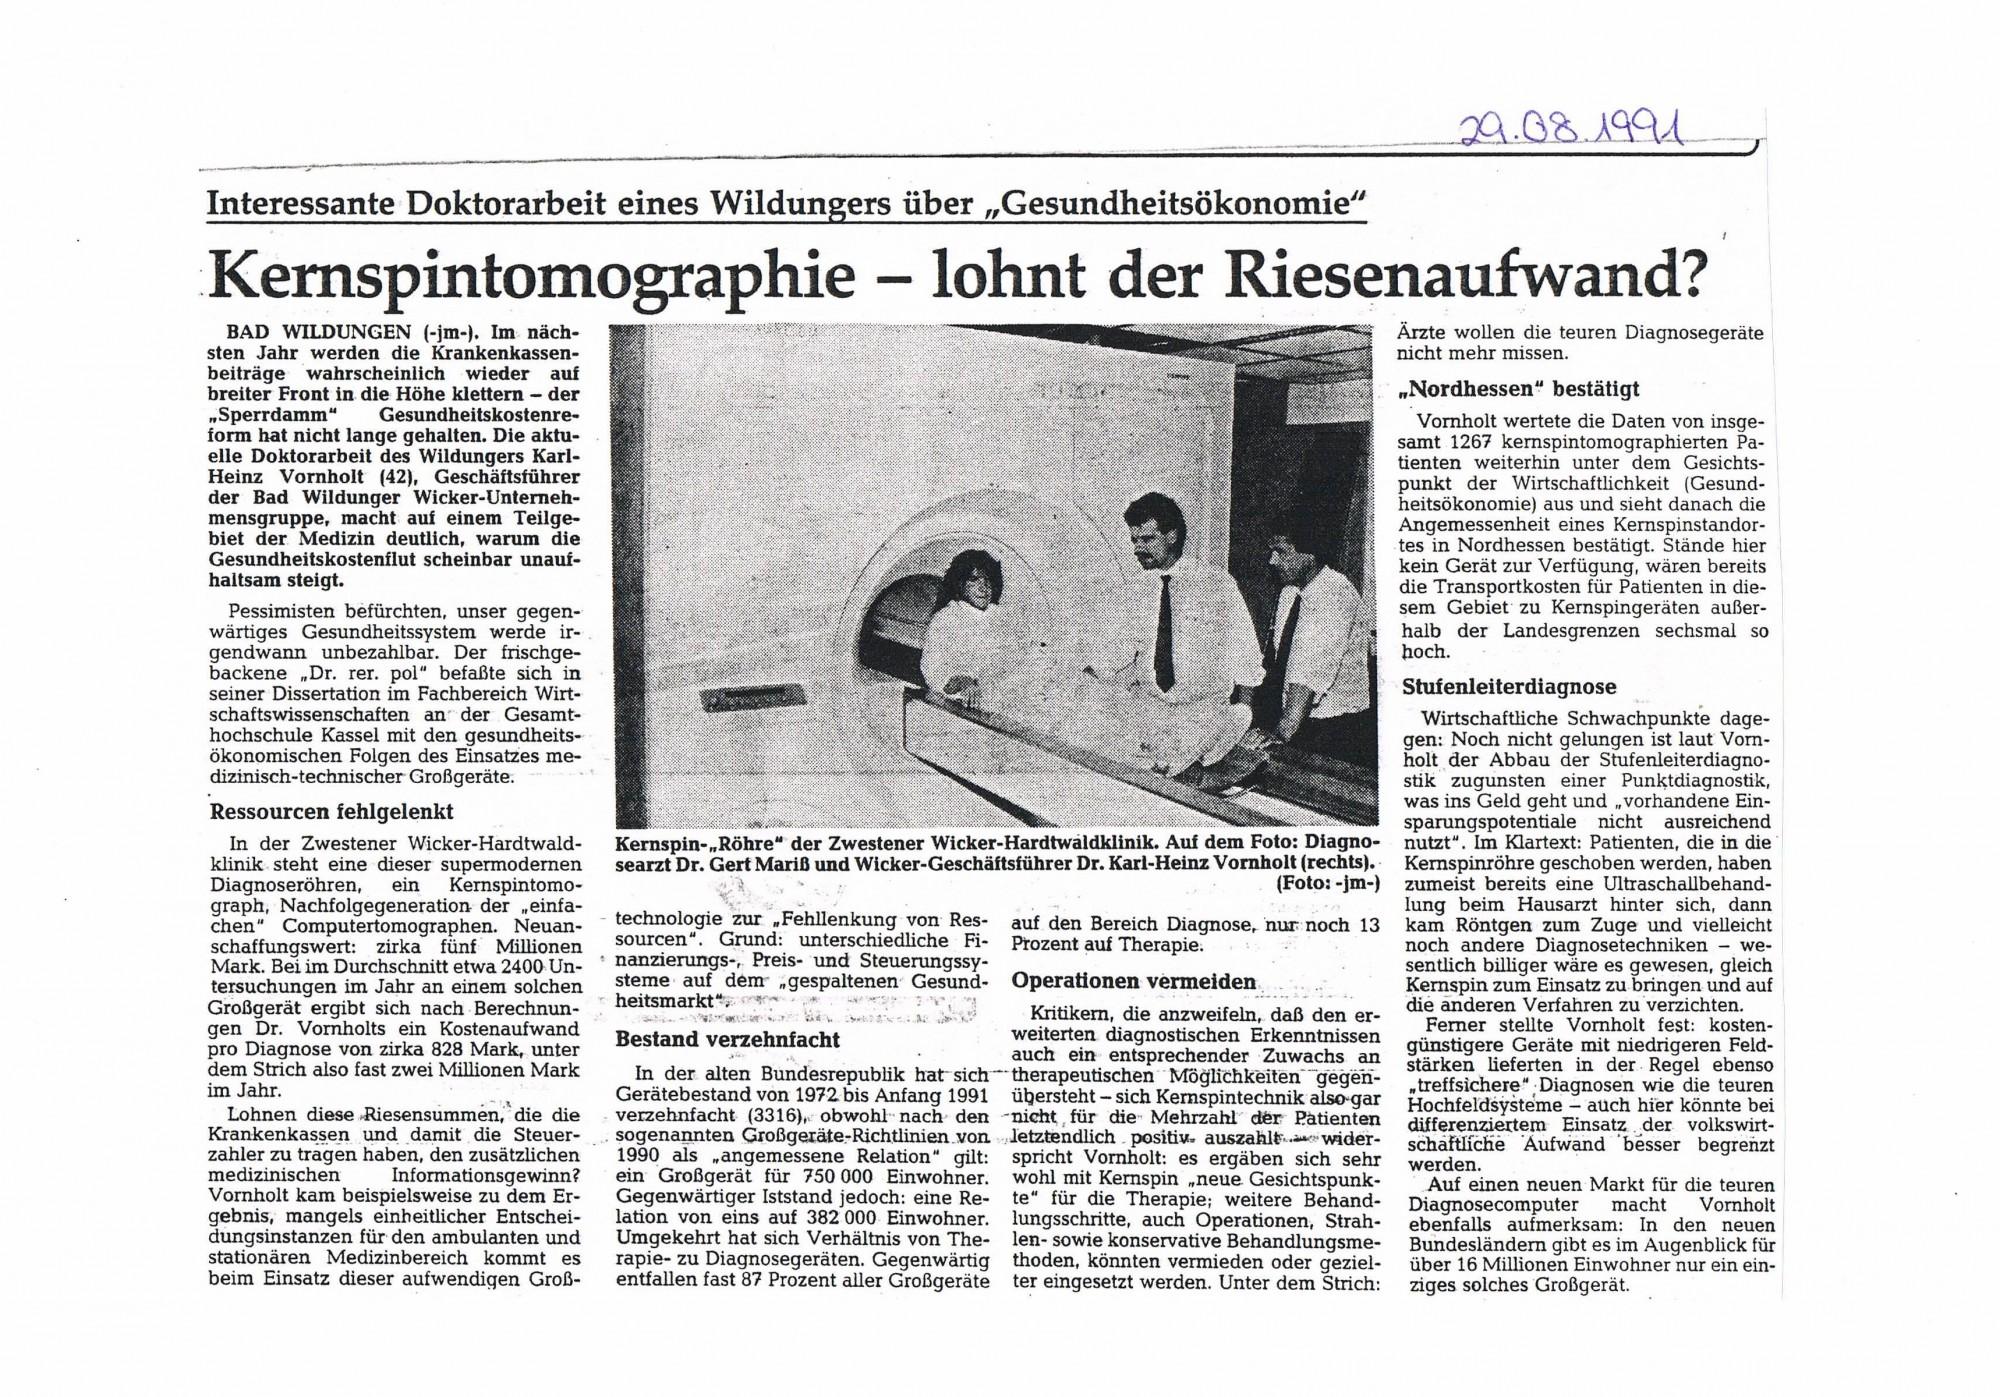 1991-08-29 Kernspintomographie - lohnt der Riesenaufwand-001